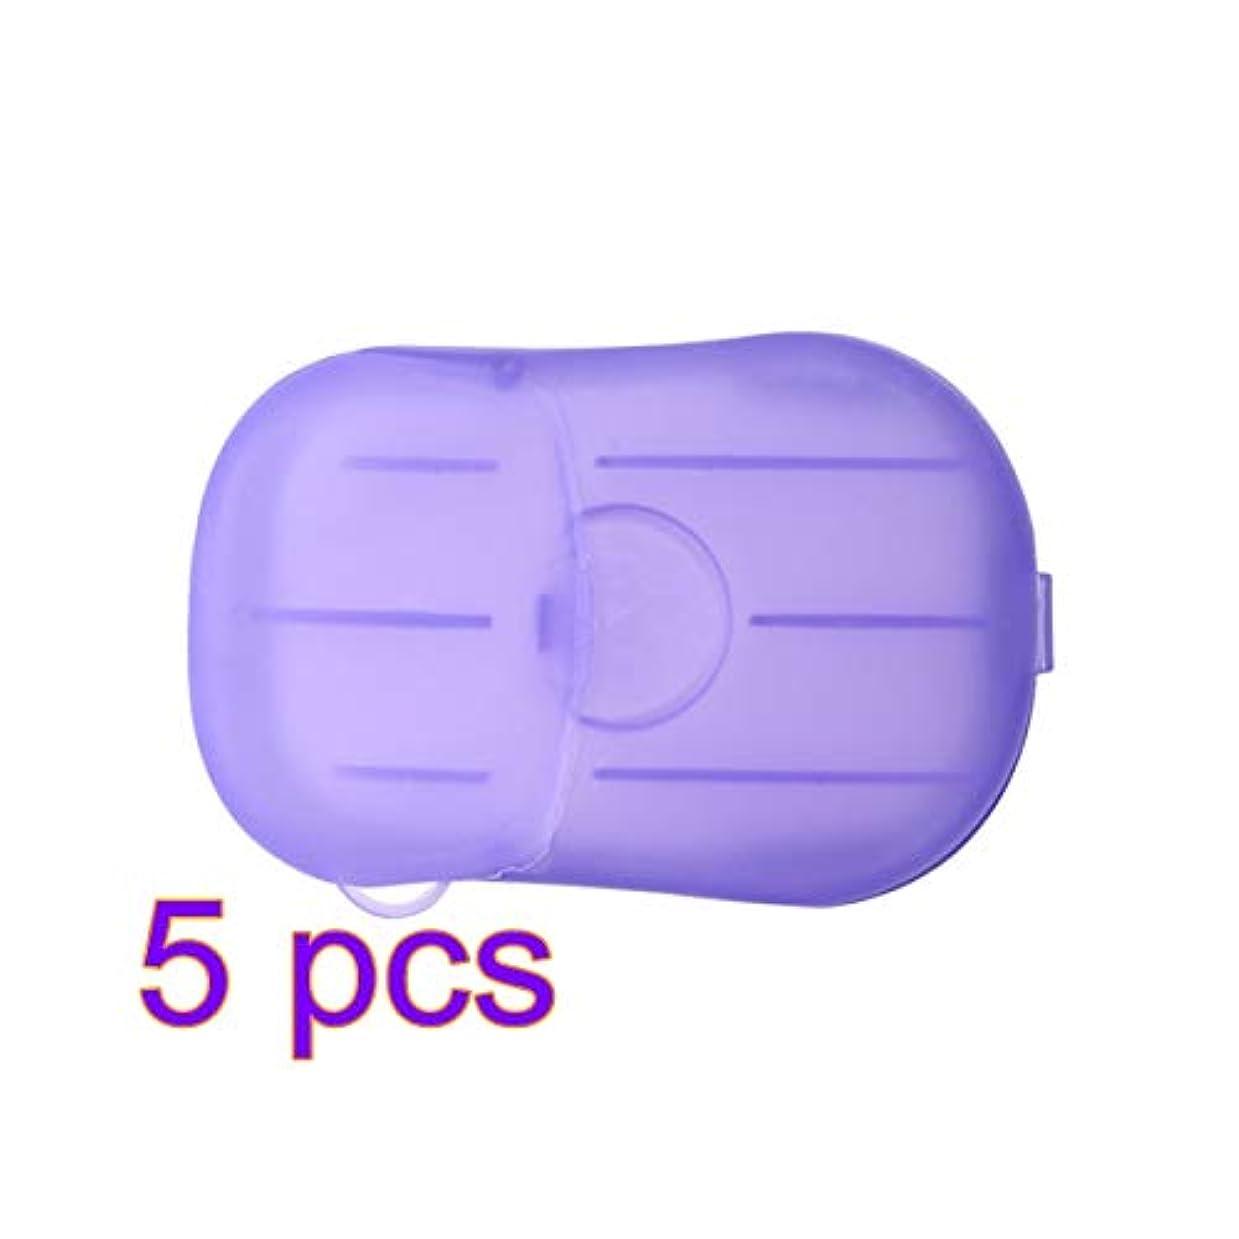 天皇頻繁にママLIOOBO 5セットポータブルソープペーパー使い捨て手洗いペーパーソープスライスシーツ子供用大人トイレ旅行屋外用(パープル)